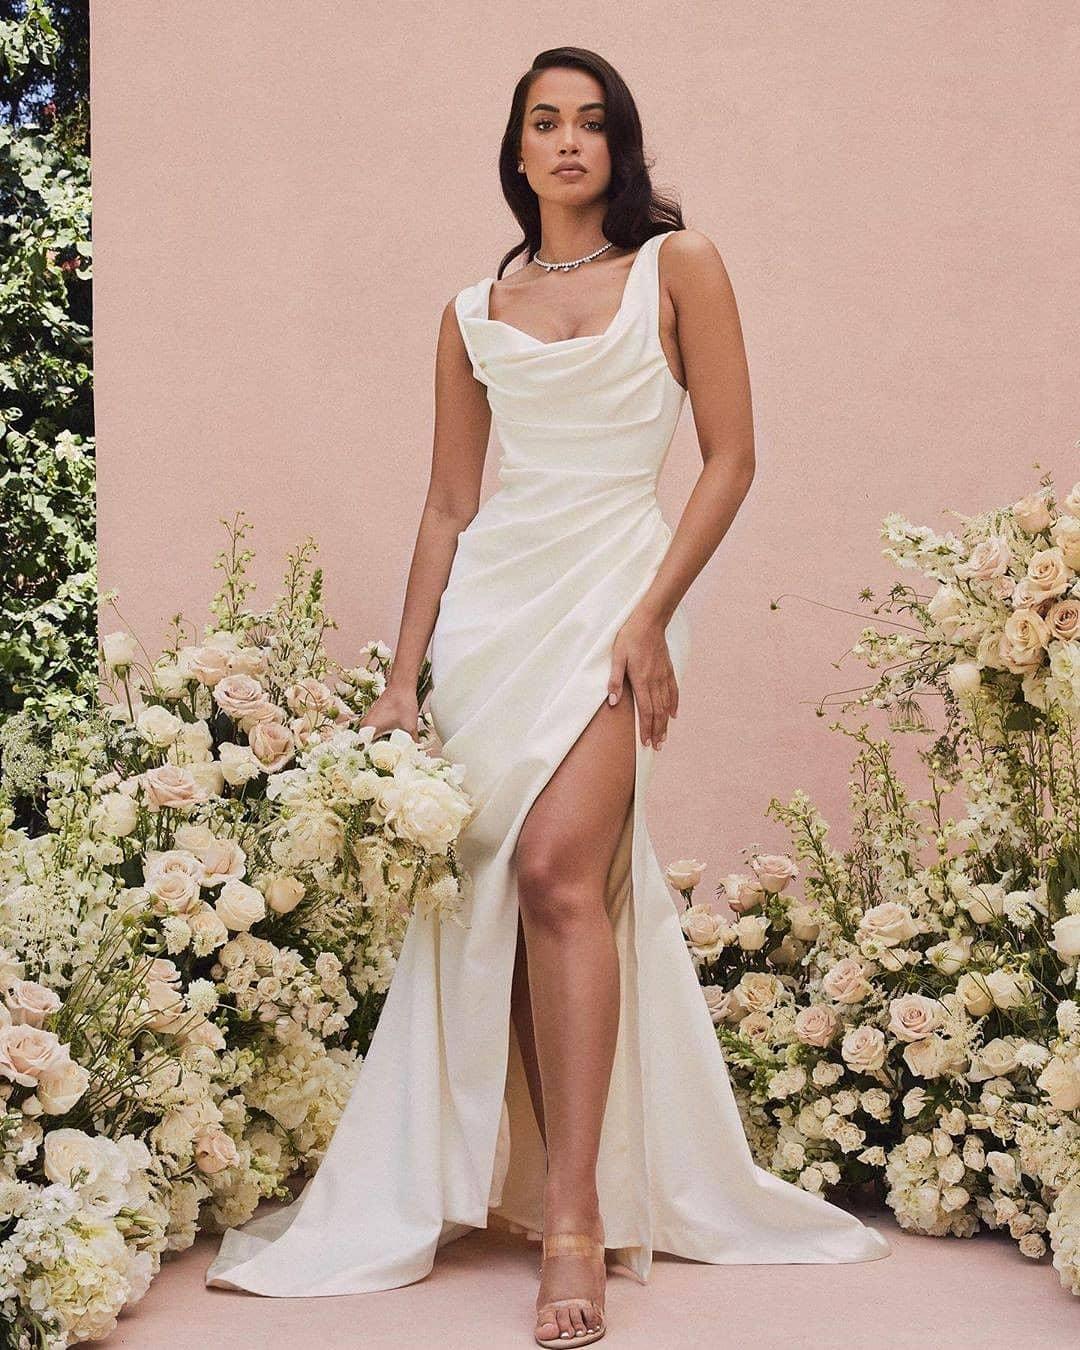 Вечные ценности: 10 трендов свадебной моды 2021 года-Фото 10